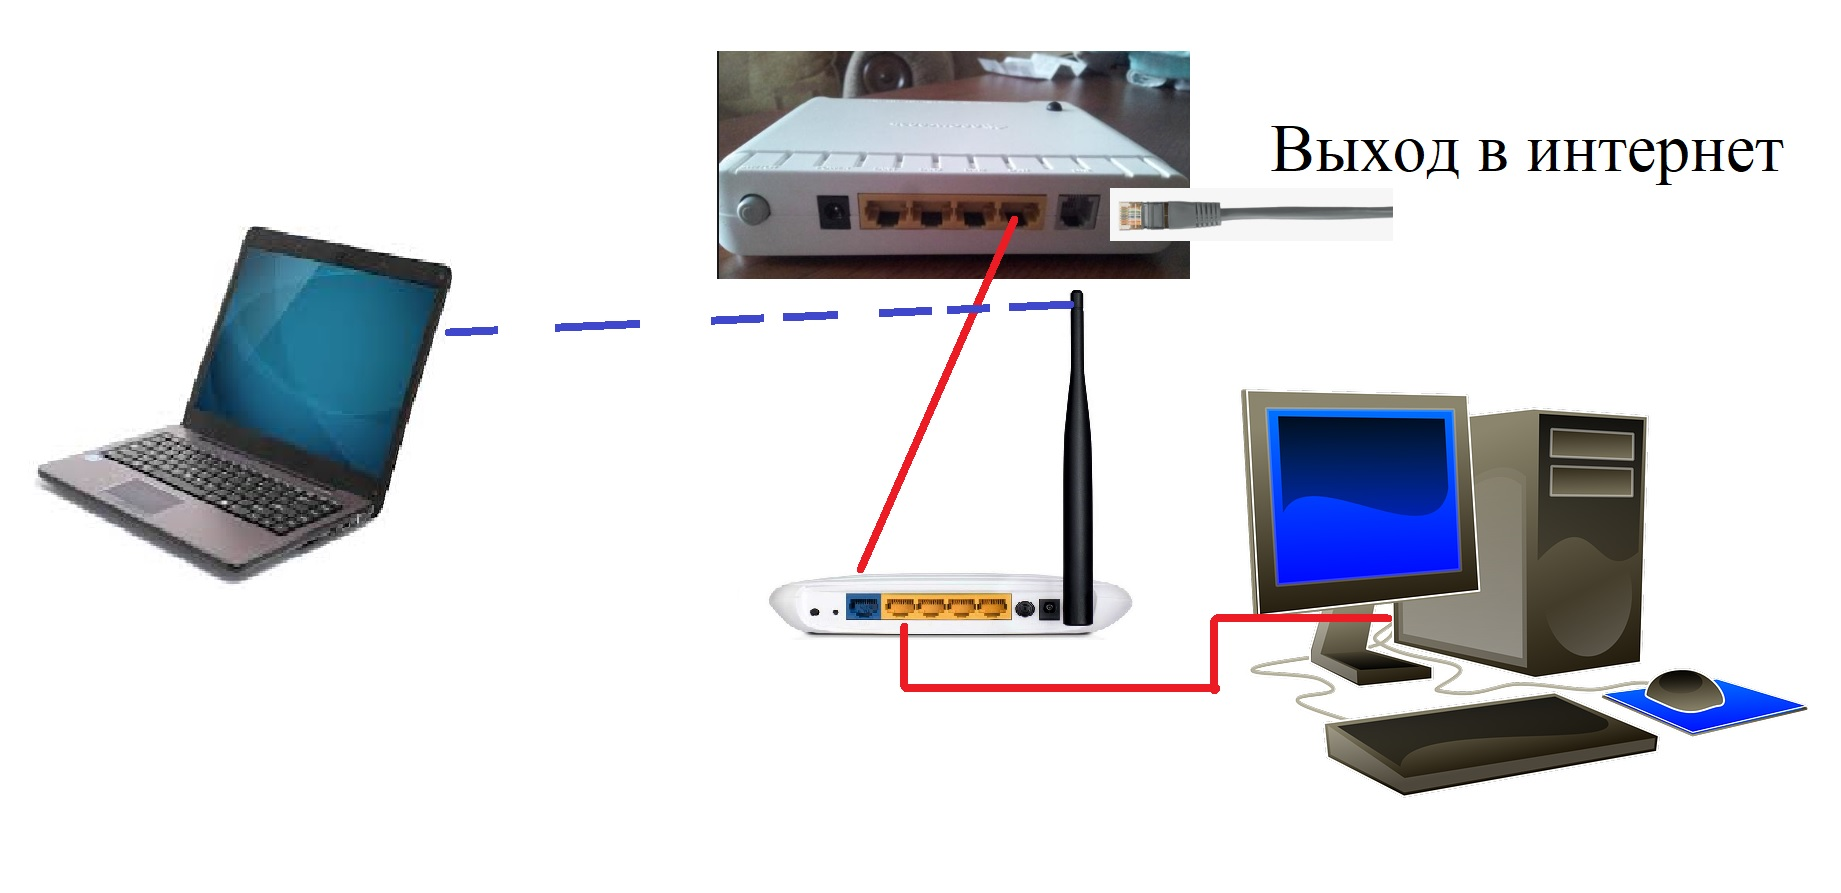 Локальная сеть между Windows XP и Windows 10